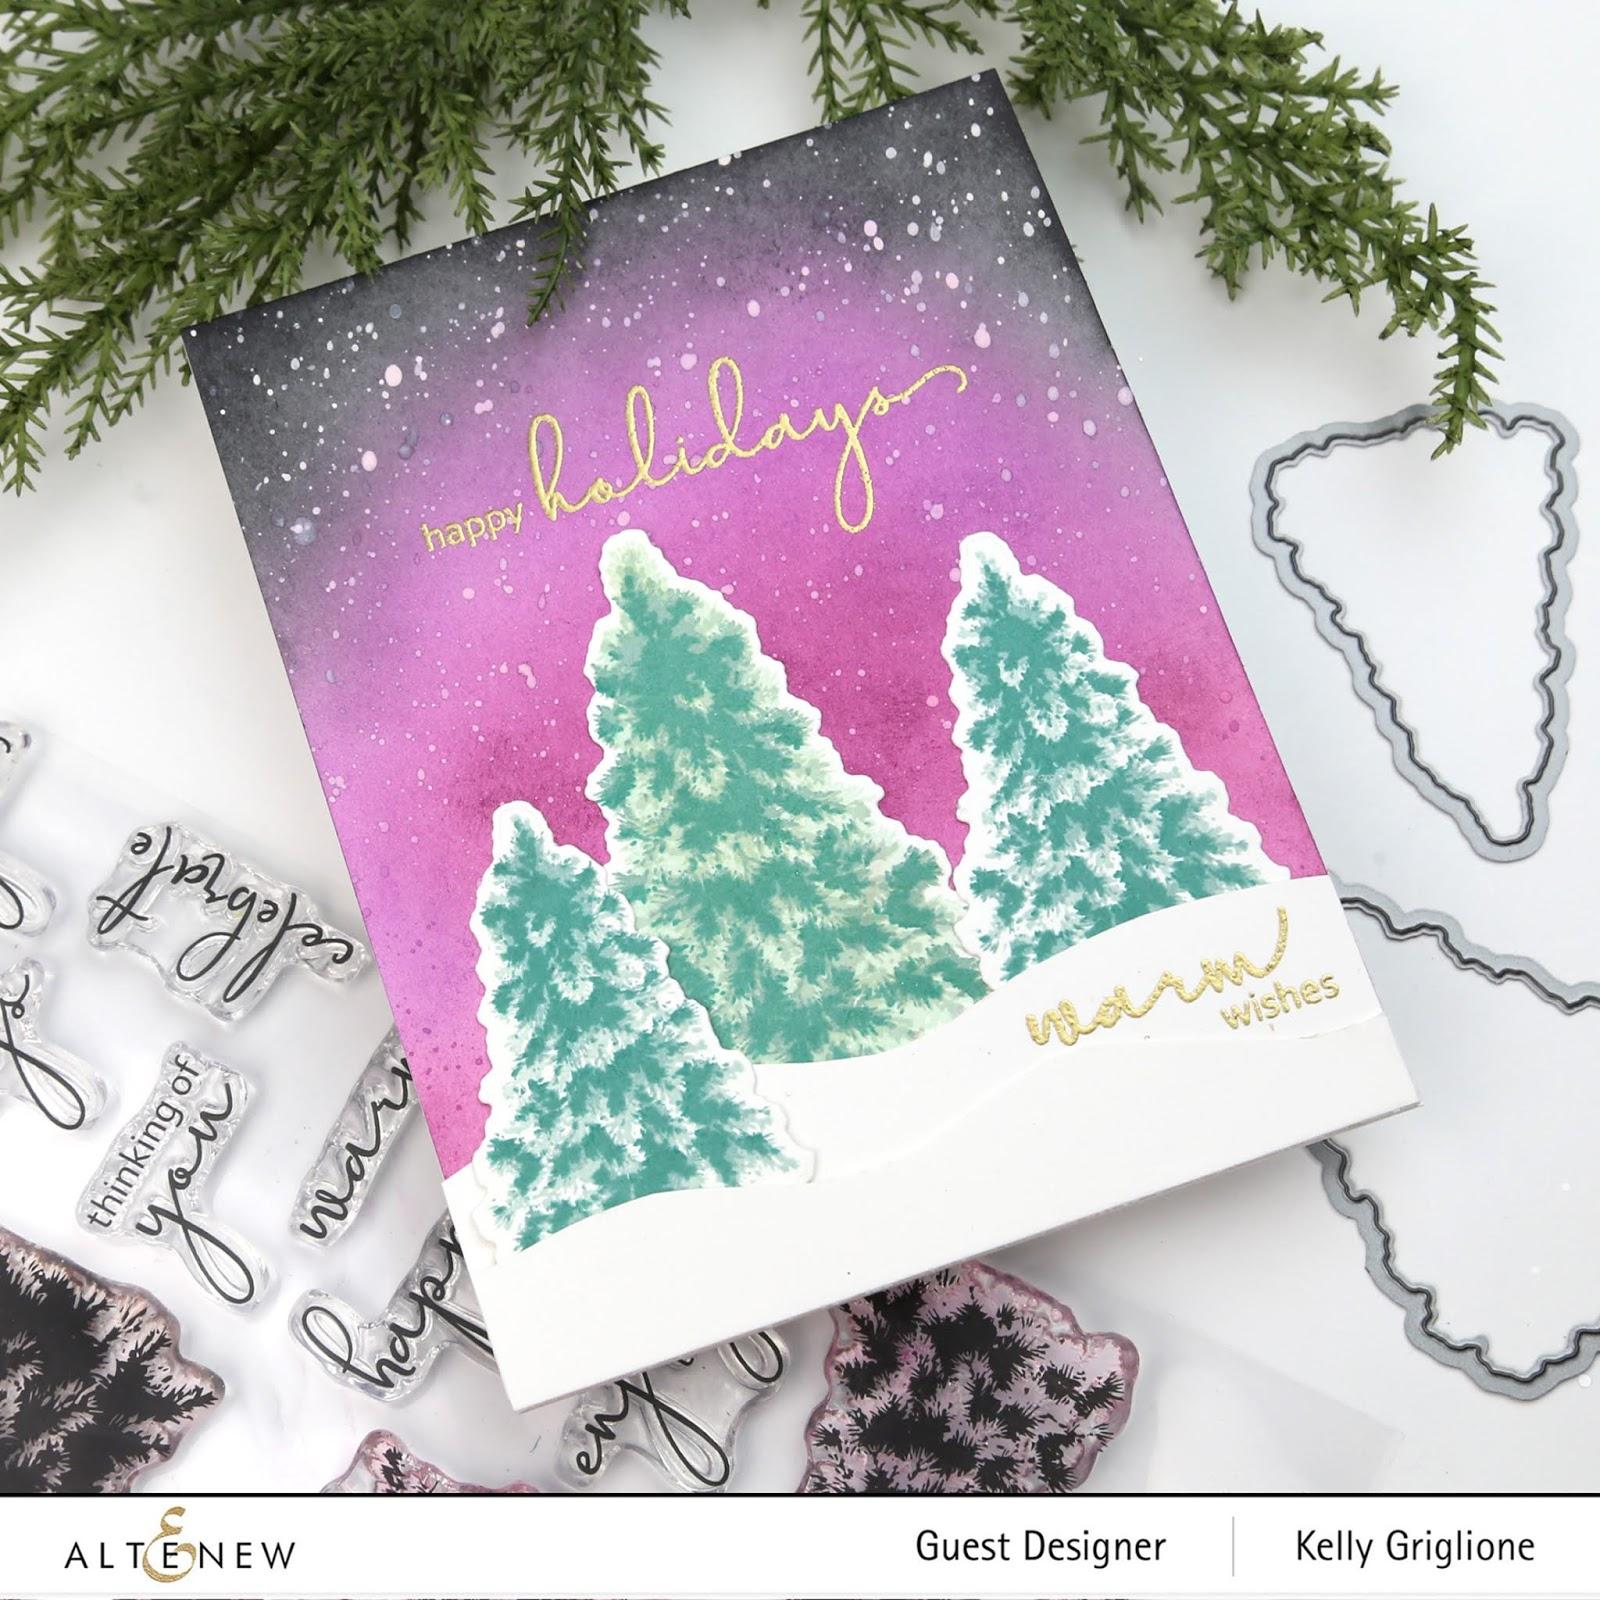 Notable Nest: Altenew November 2019 Stamp/Die/Stencil